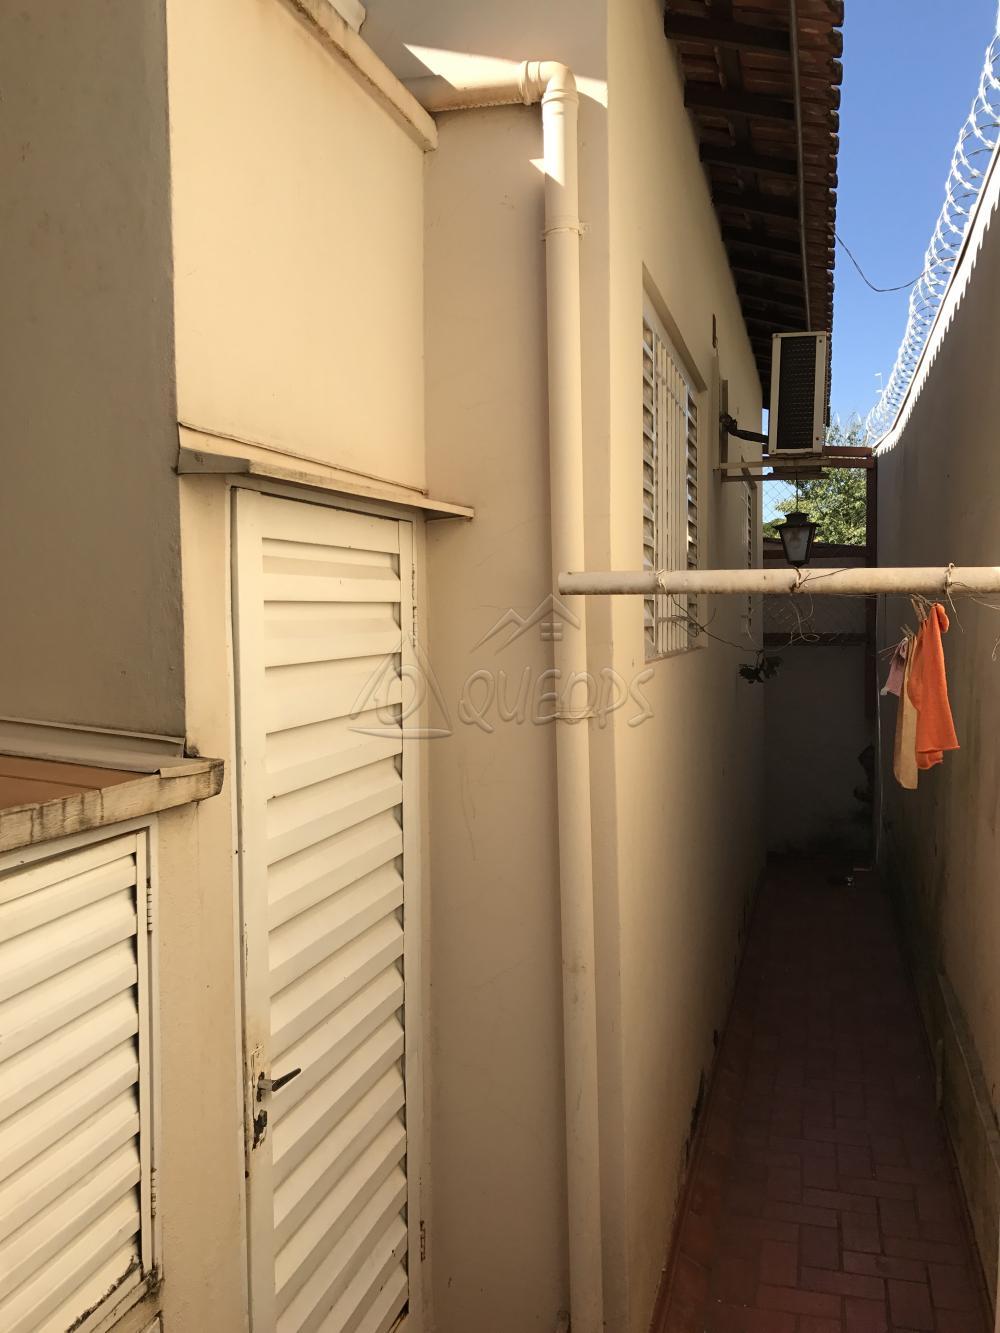 Comprar Casa / Padrão em Barretos R$ 490.000,00 - Foto 32